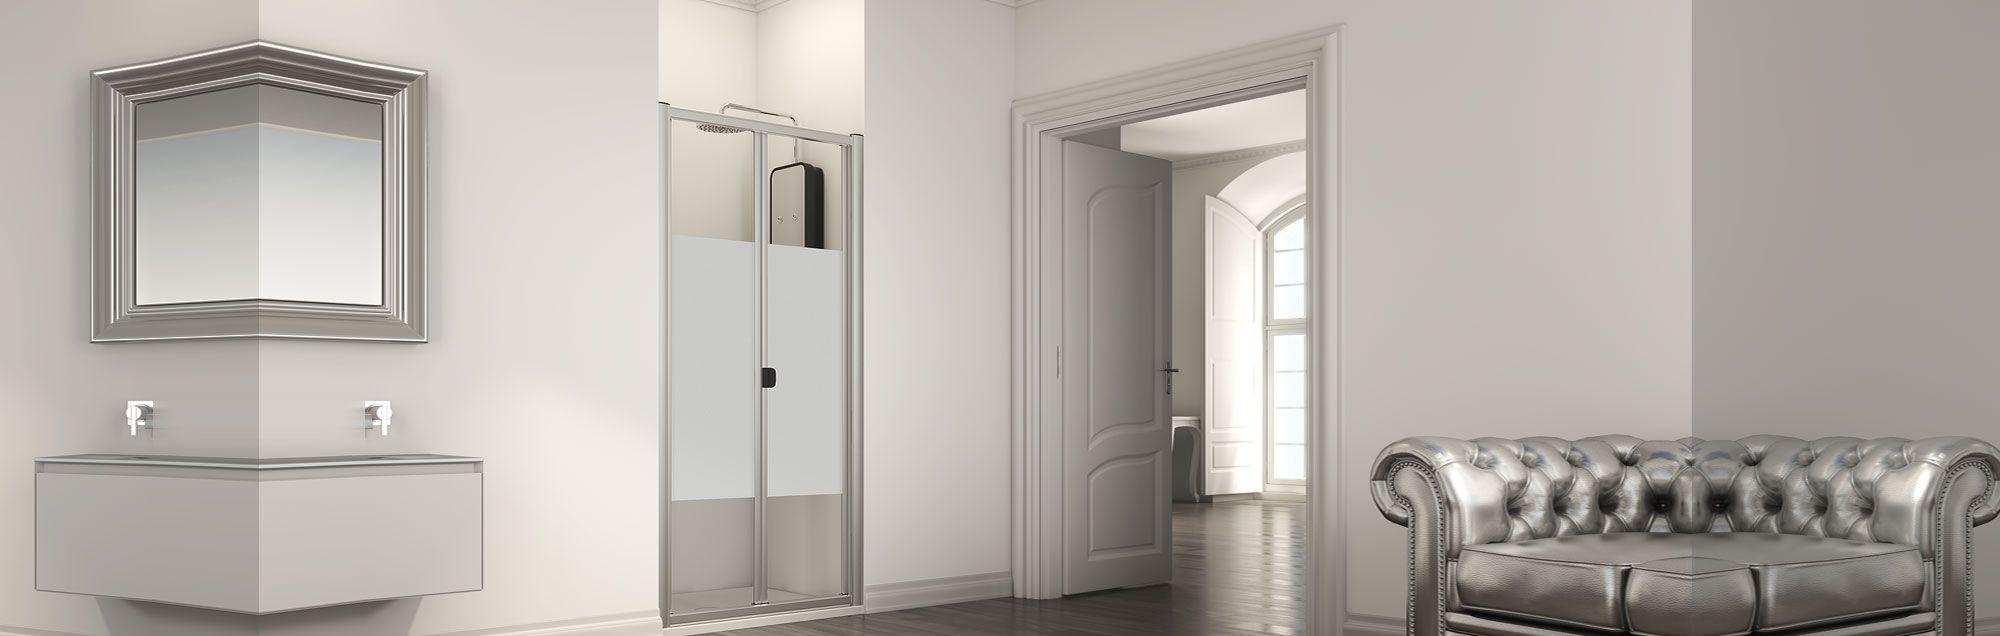 Serie Plegadux di box doccia pieghevoli su misura